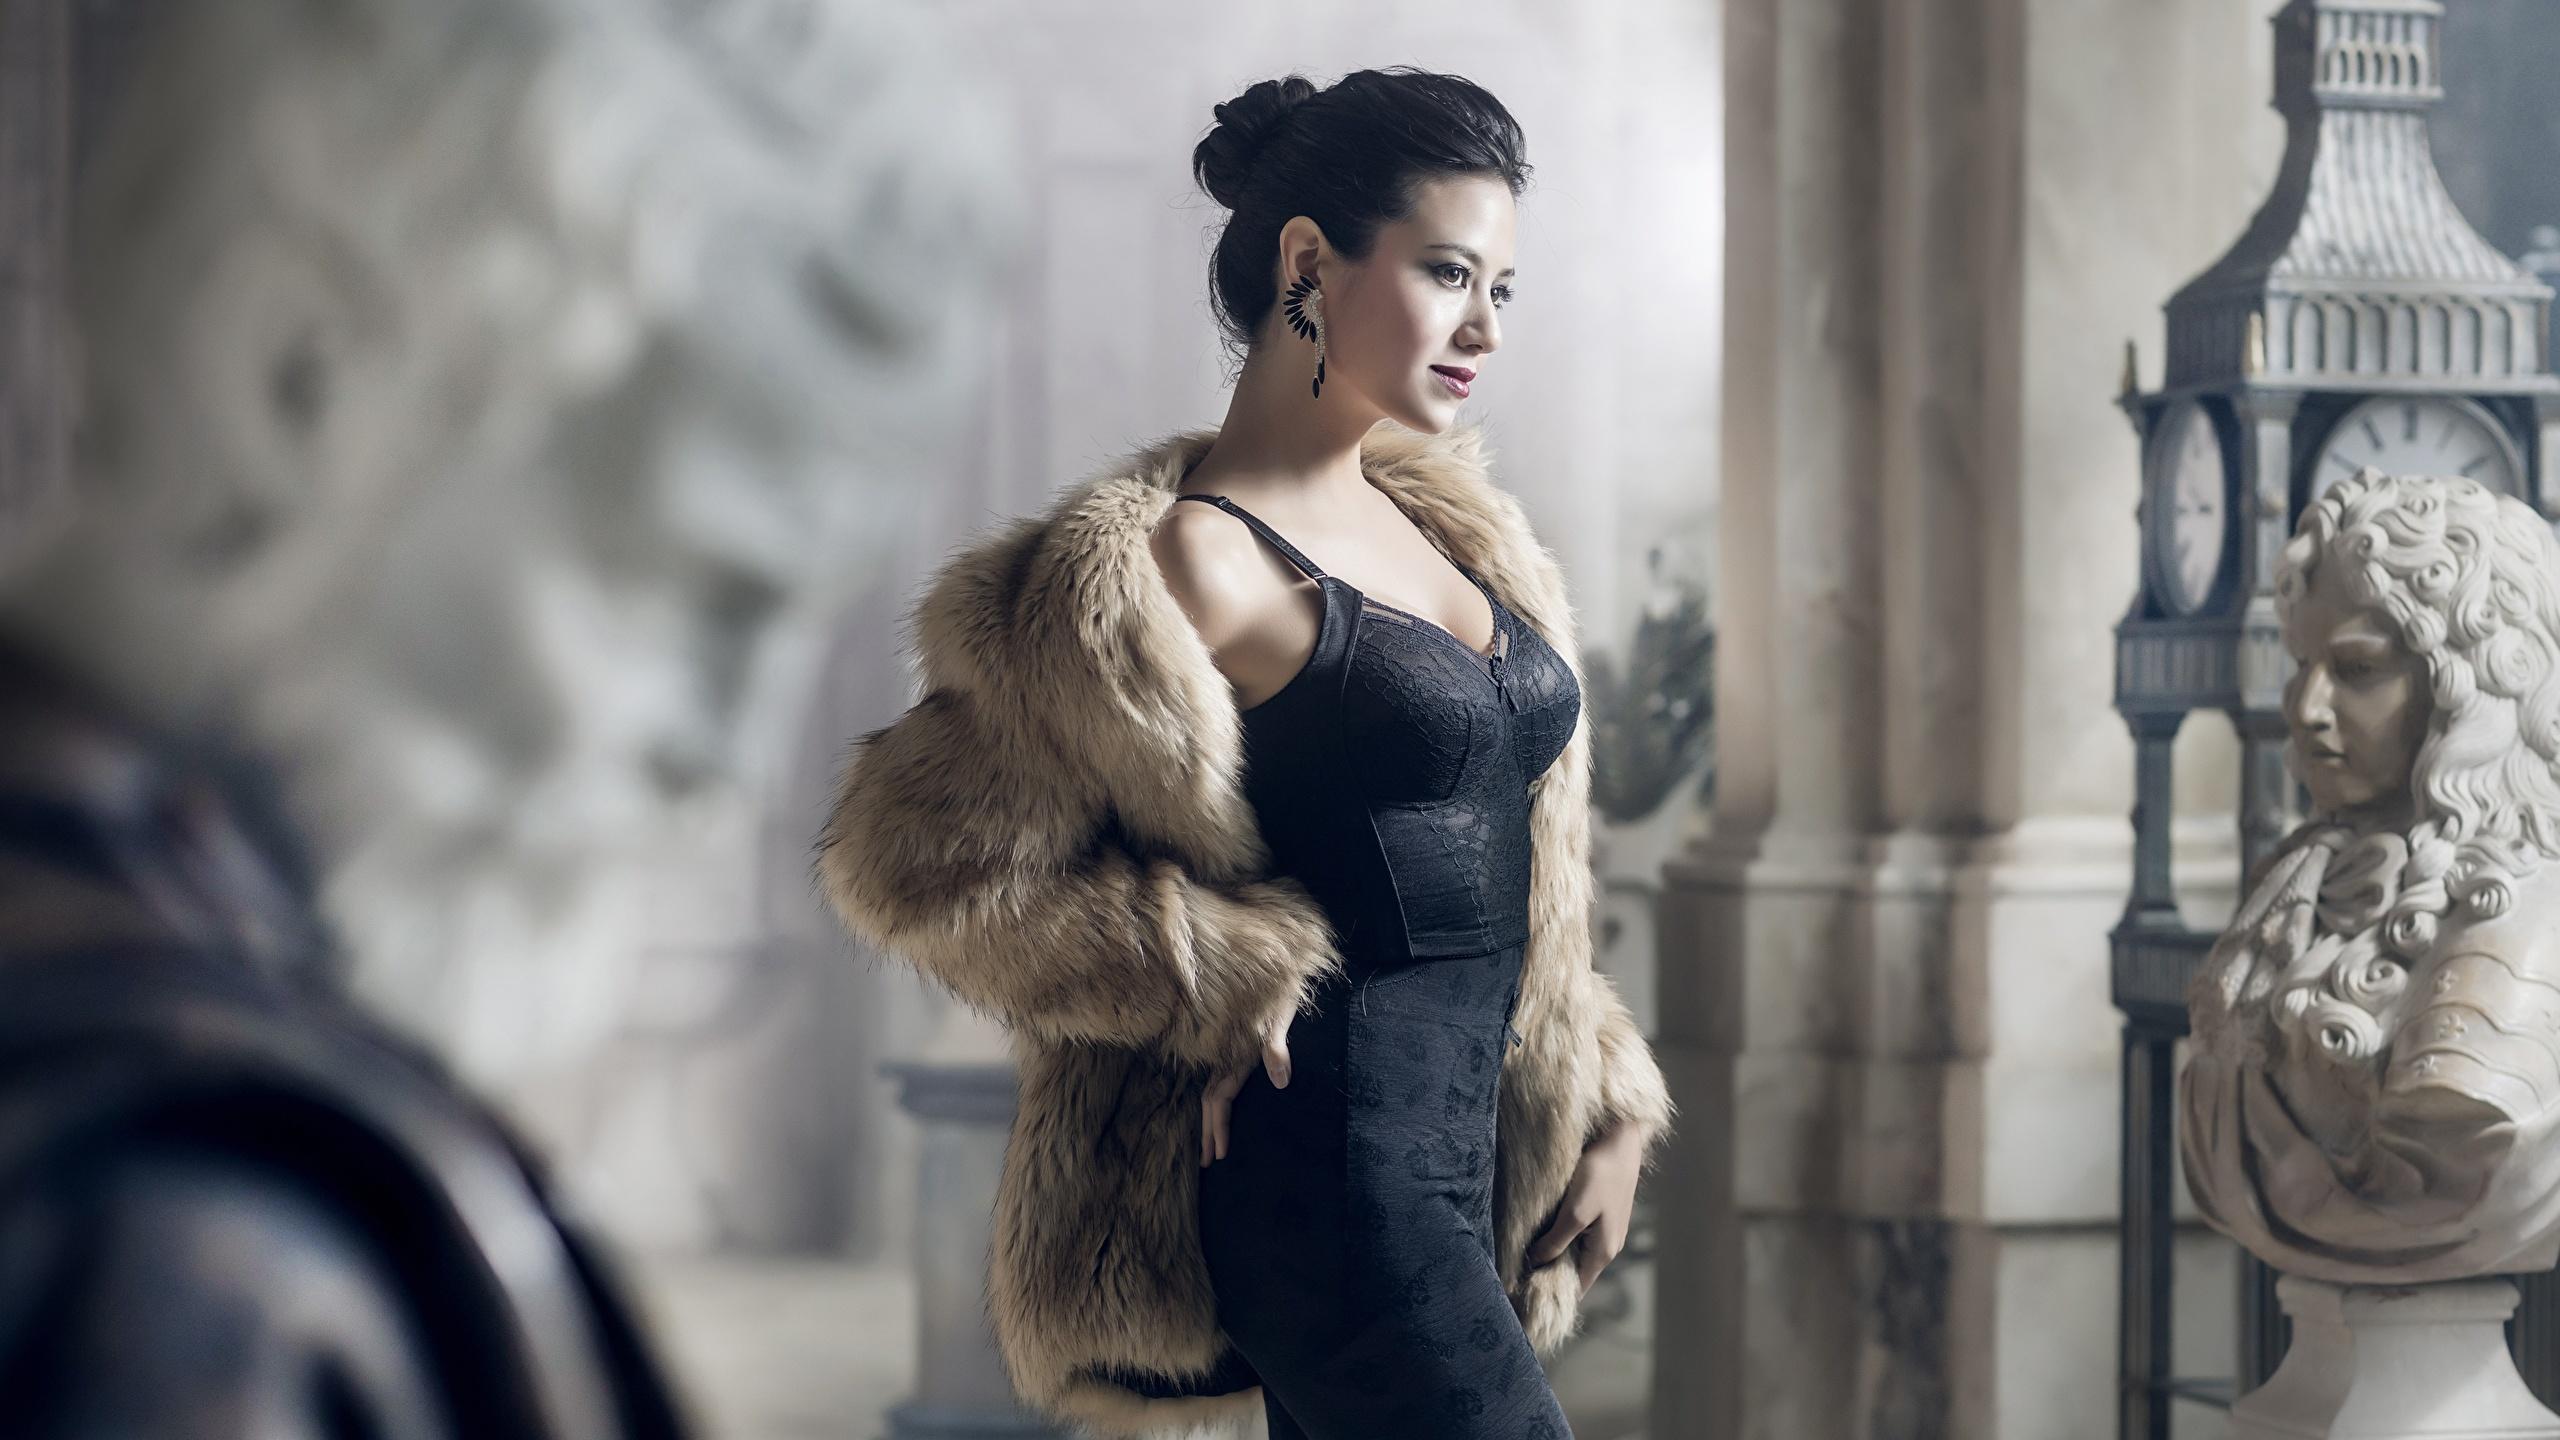 Фотографии брюнетки шубе позирует молодые женщины Скульптуры платья 2560x1440 Брюнетка брюнеток Шуба шубой Поза девушка Девушки молодая женщина скульптура Платье